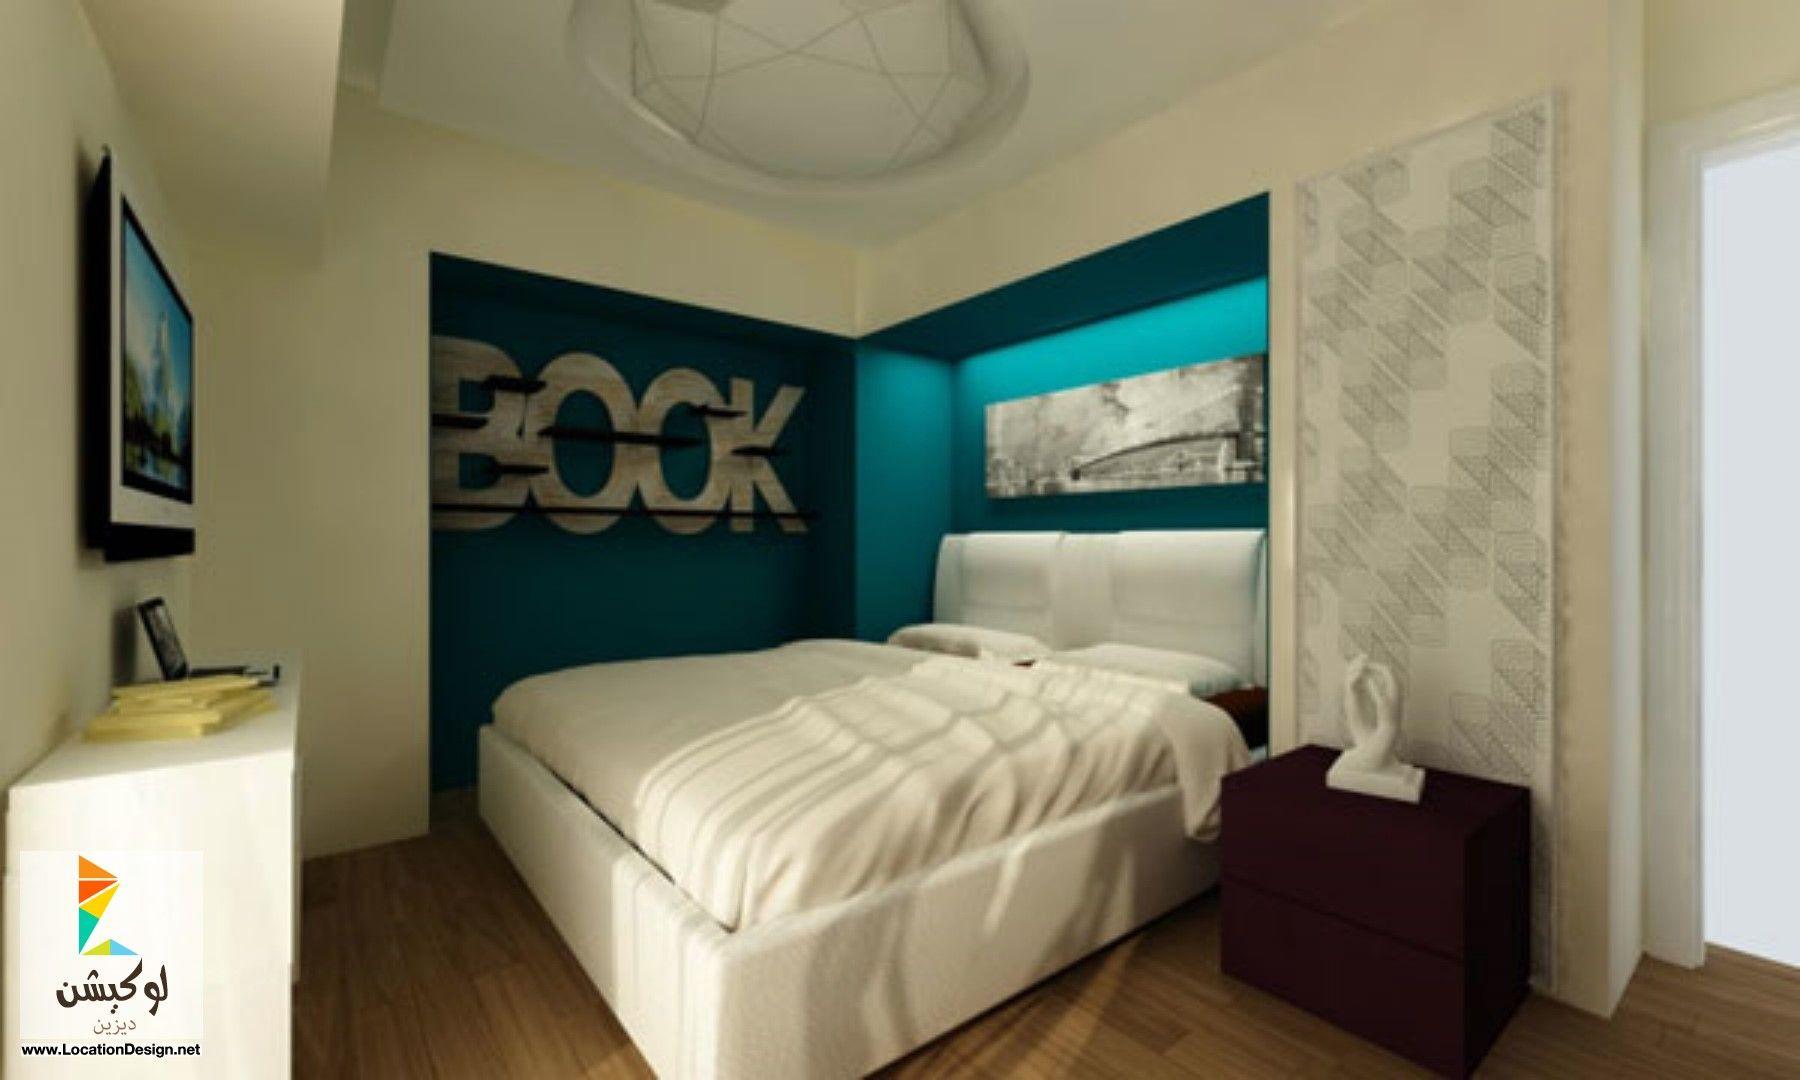 غرف نوم مودرن مساحات صغيرة لوكيشن ديزاين تصميمات ديكورات أفكار جديدة مصر Locationdesign Co Small Bedroom Interior Small Bedroom Decor Small Bedroom